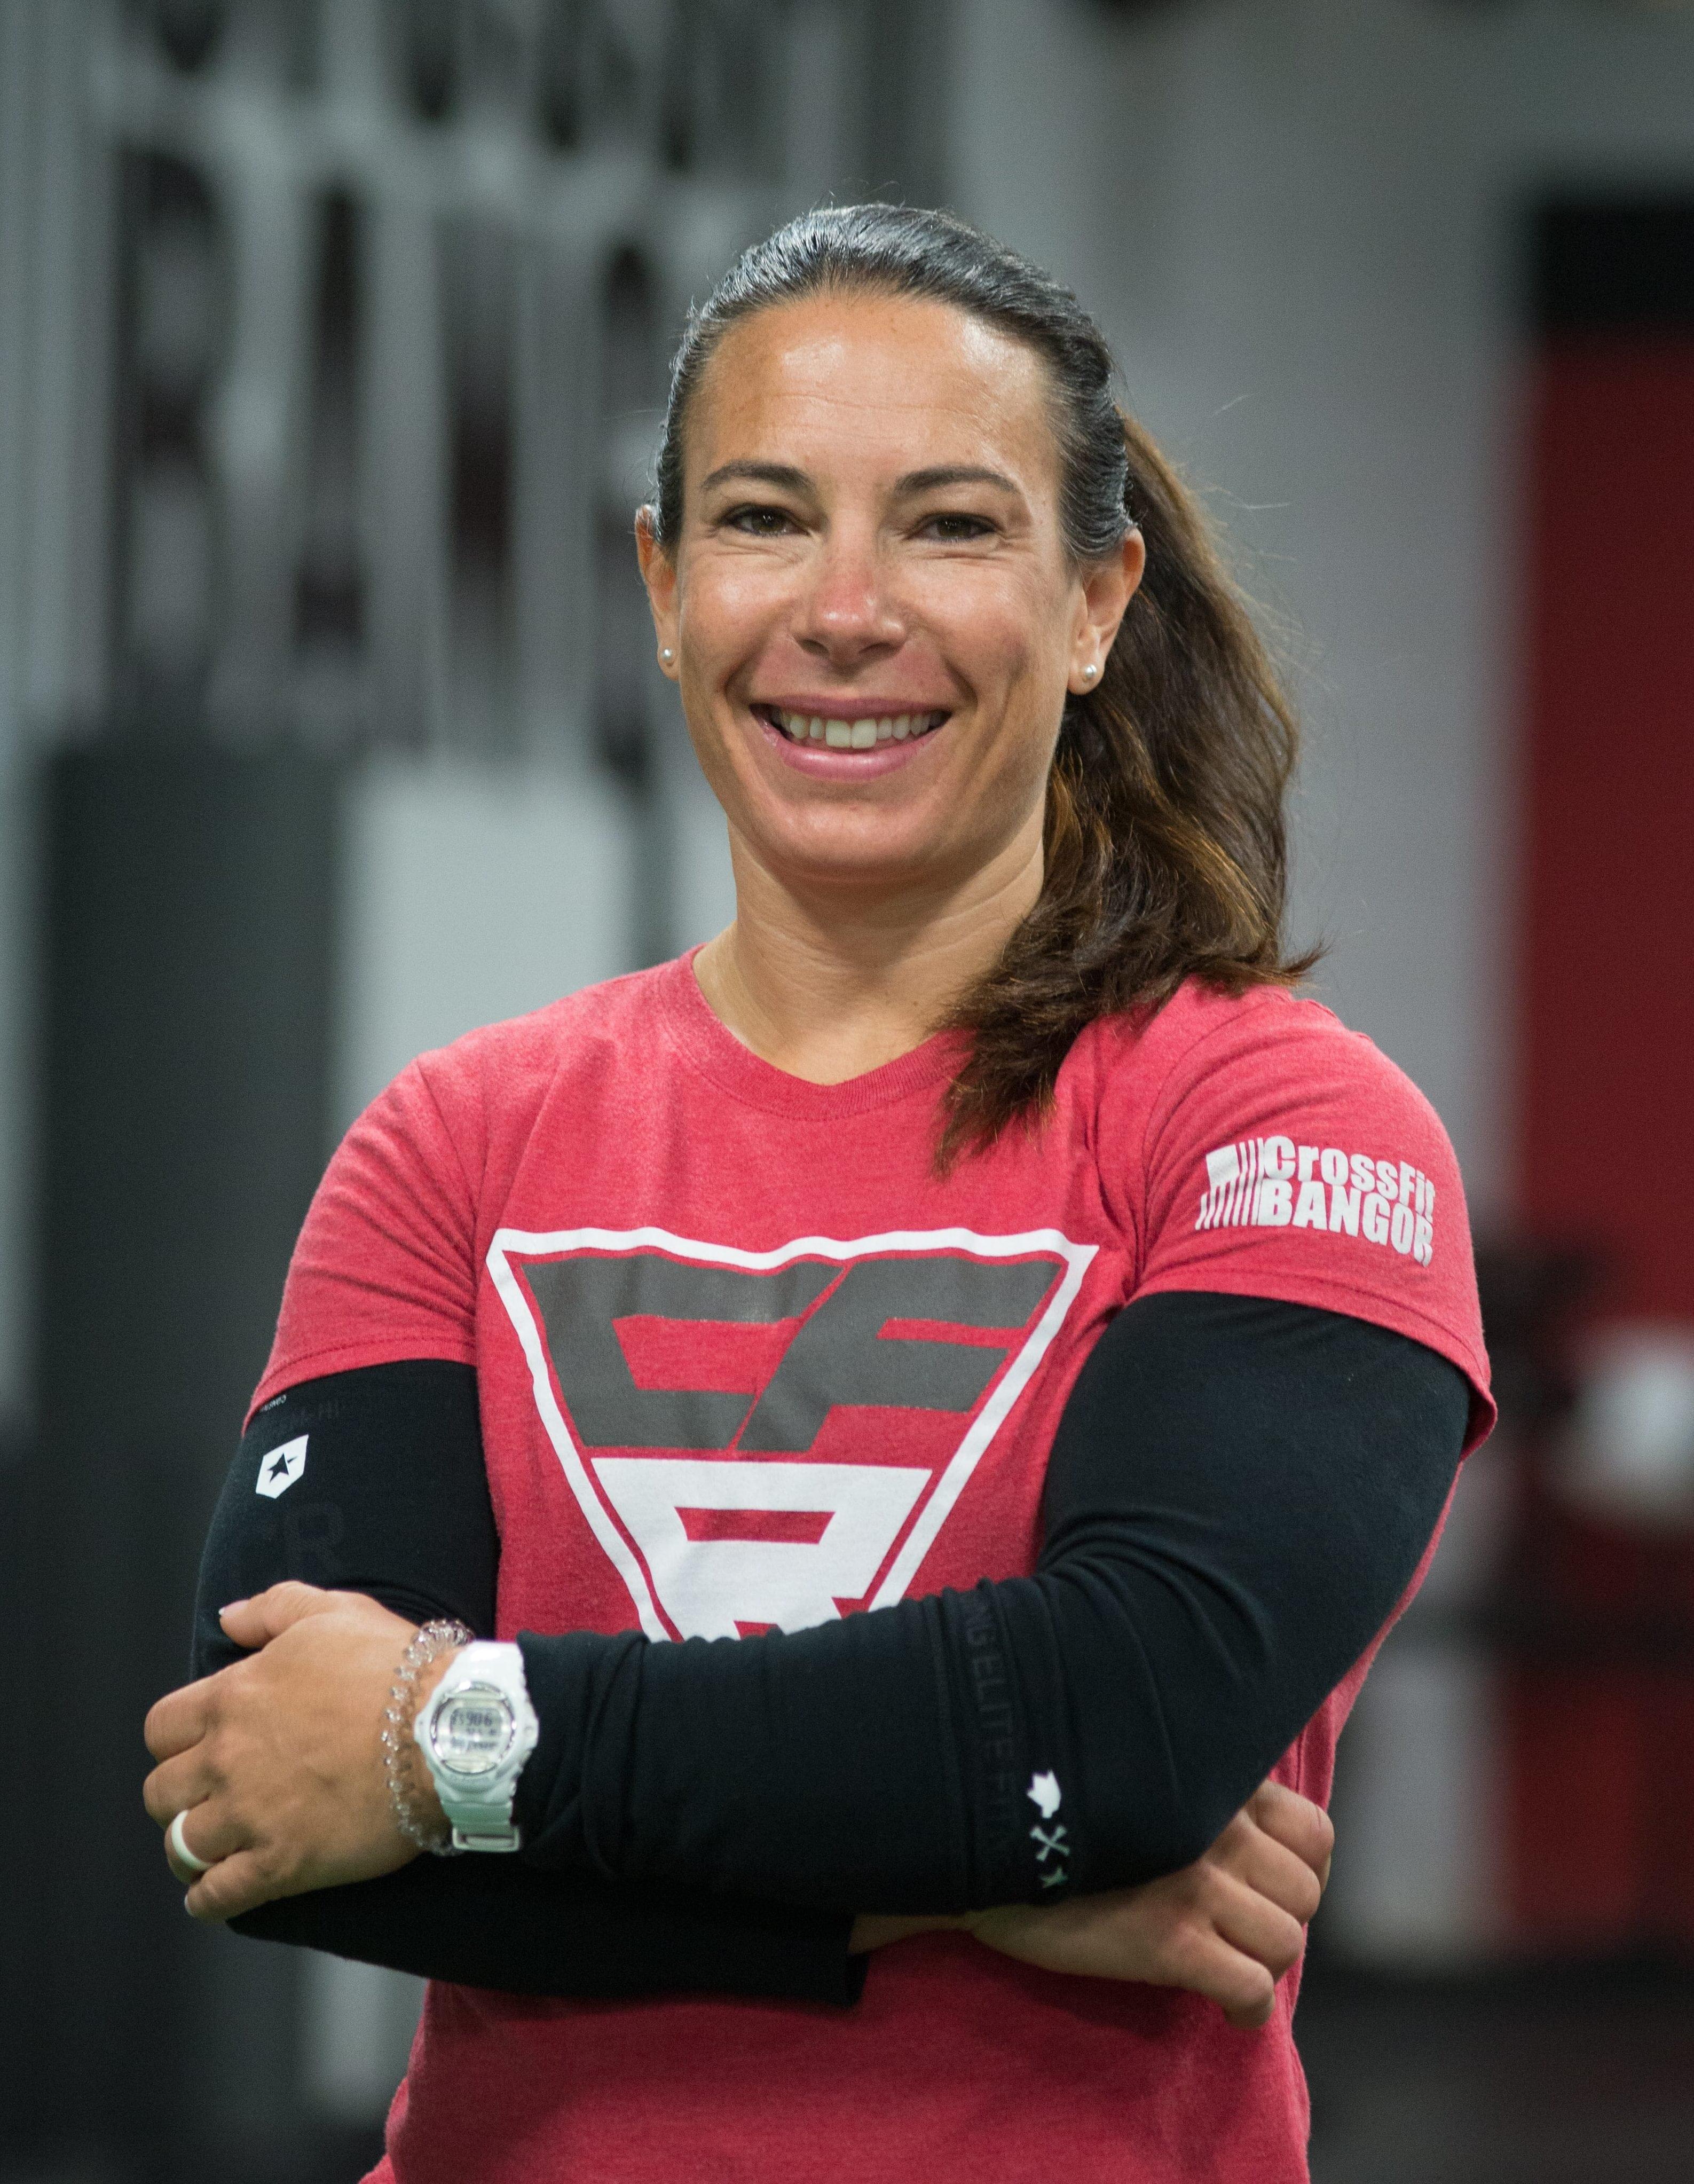 Melinda Metten